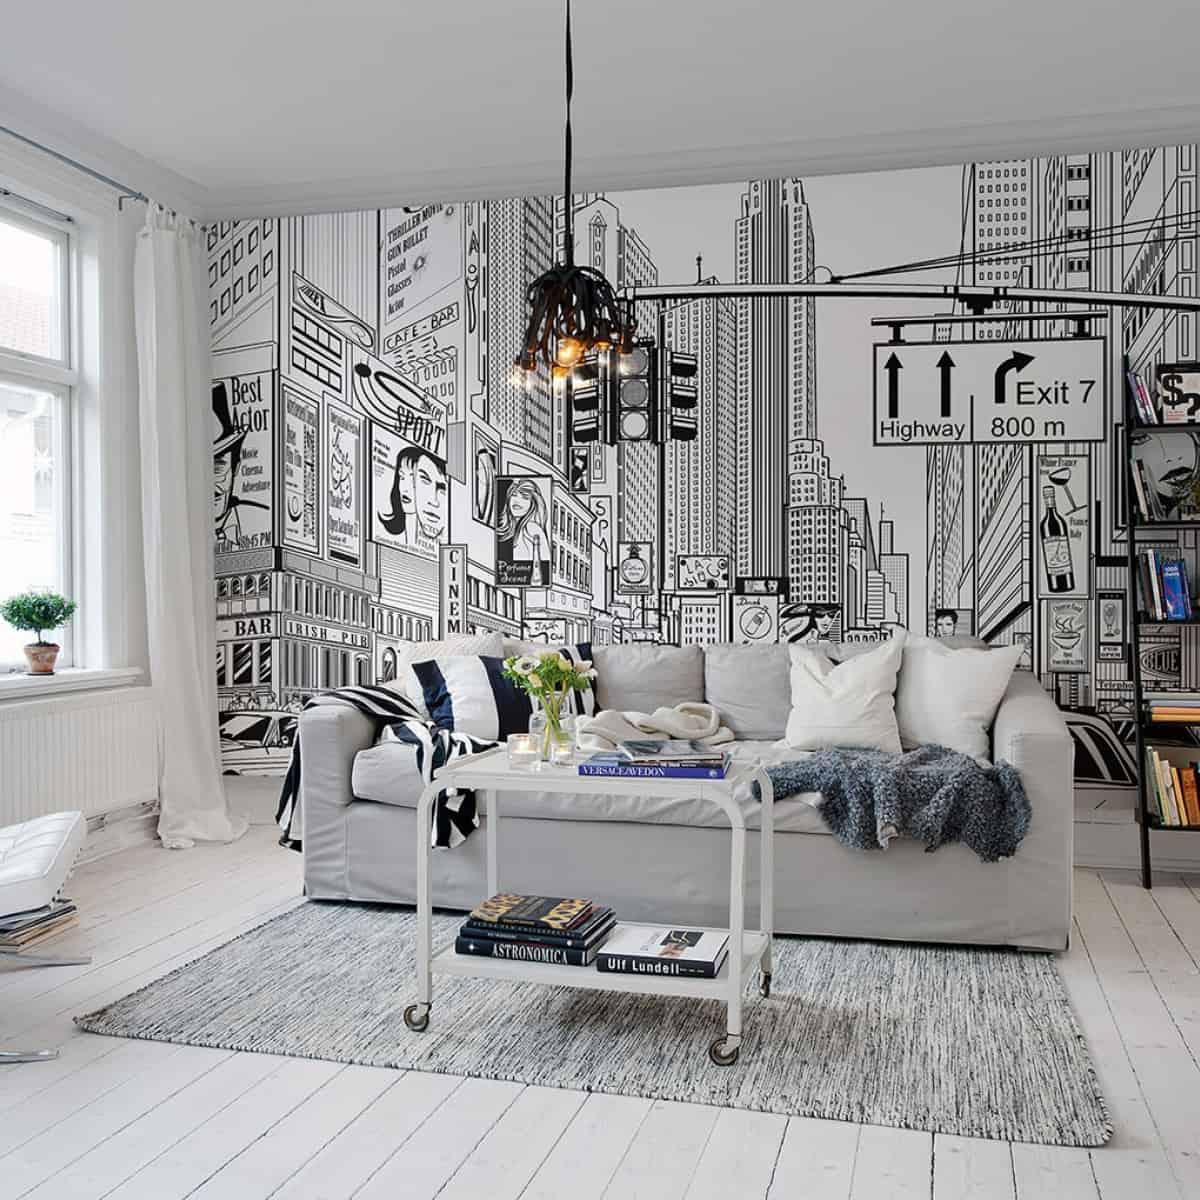 camera cu parchet alb, cafeteria alba, canapea gri și un perete cu fototapet benzi desenate